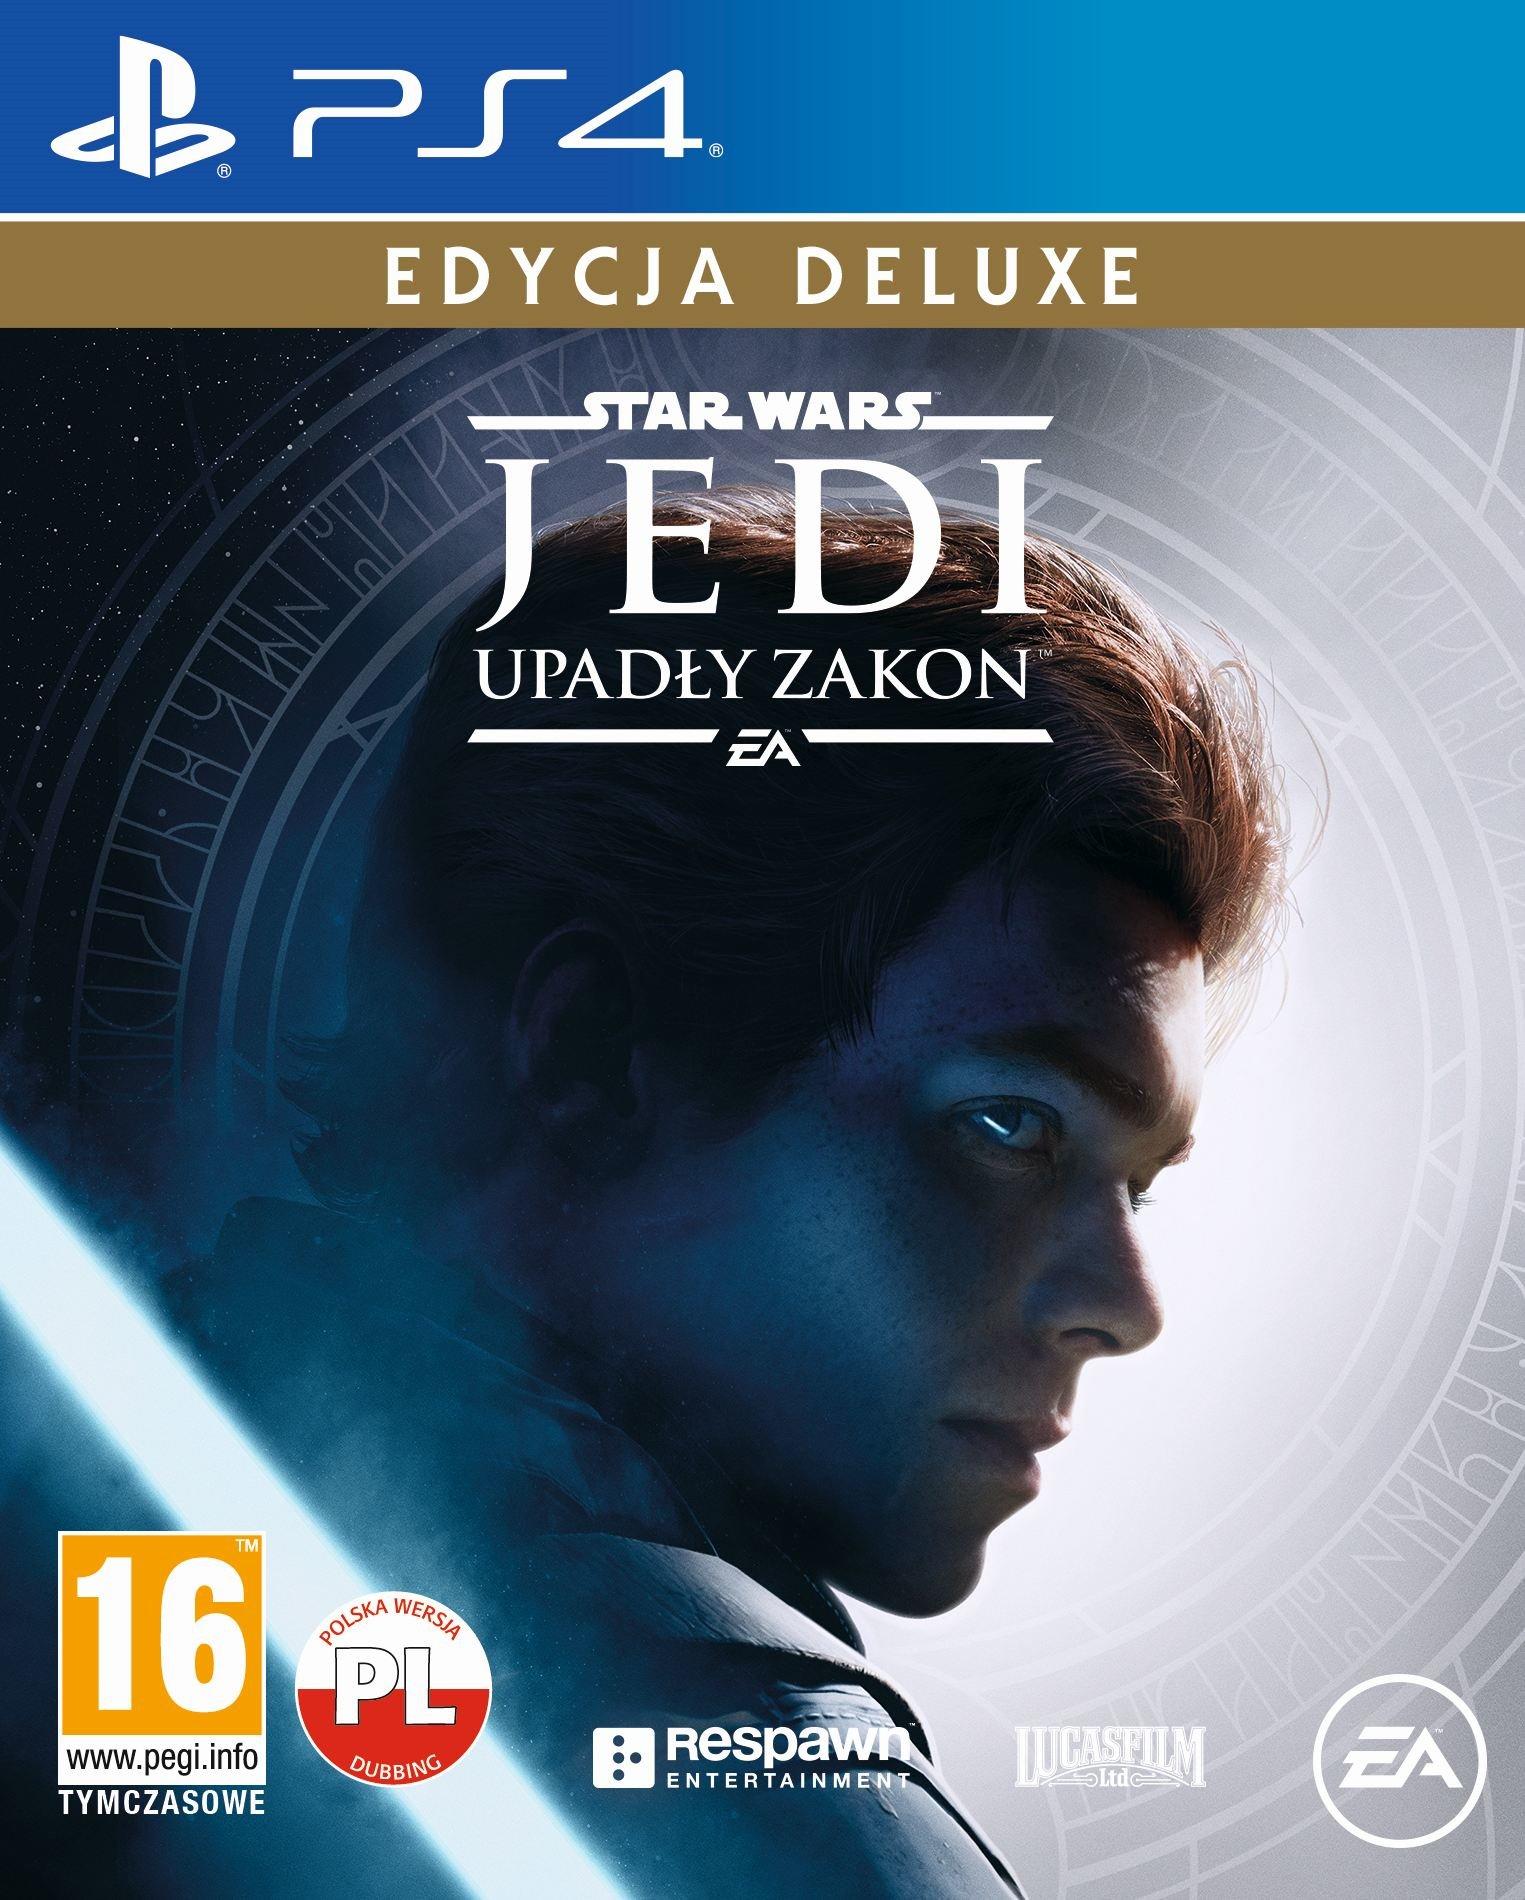 Star Wars Jedi: Upadły Zakon - Edycja Specjalna PS4